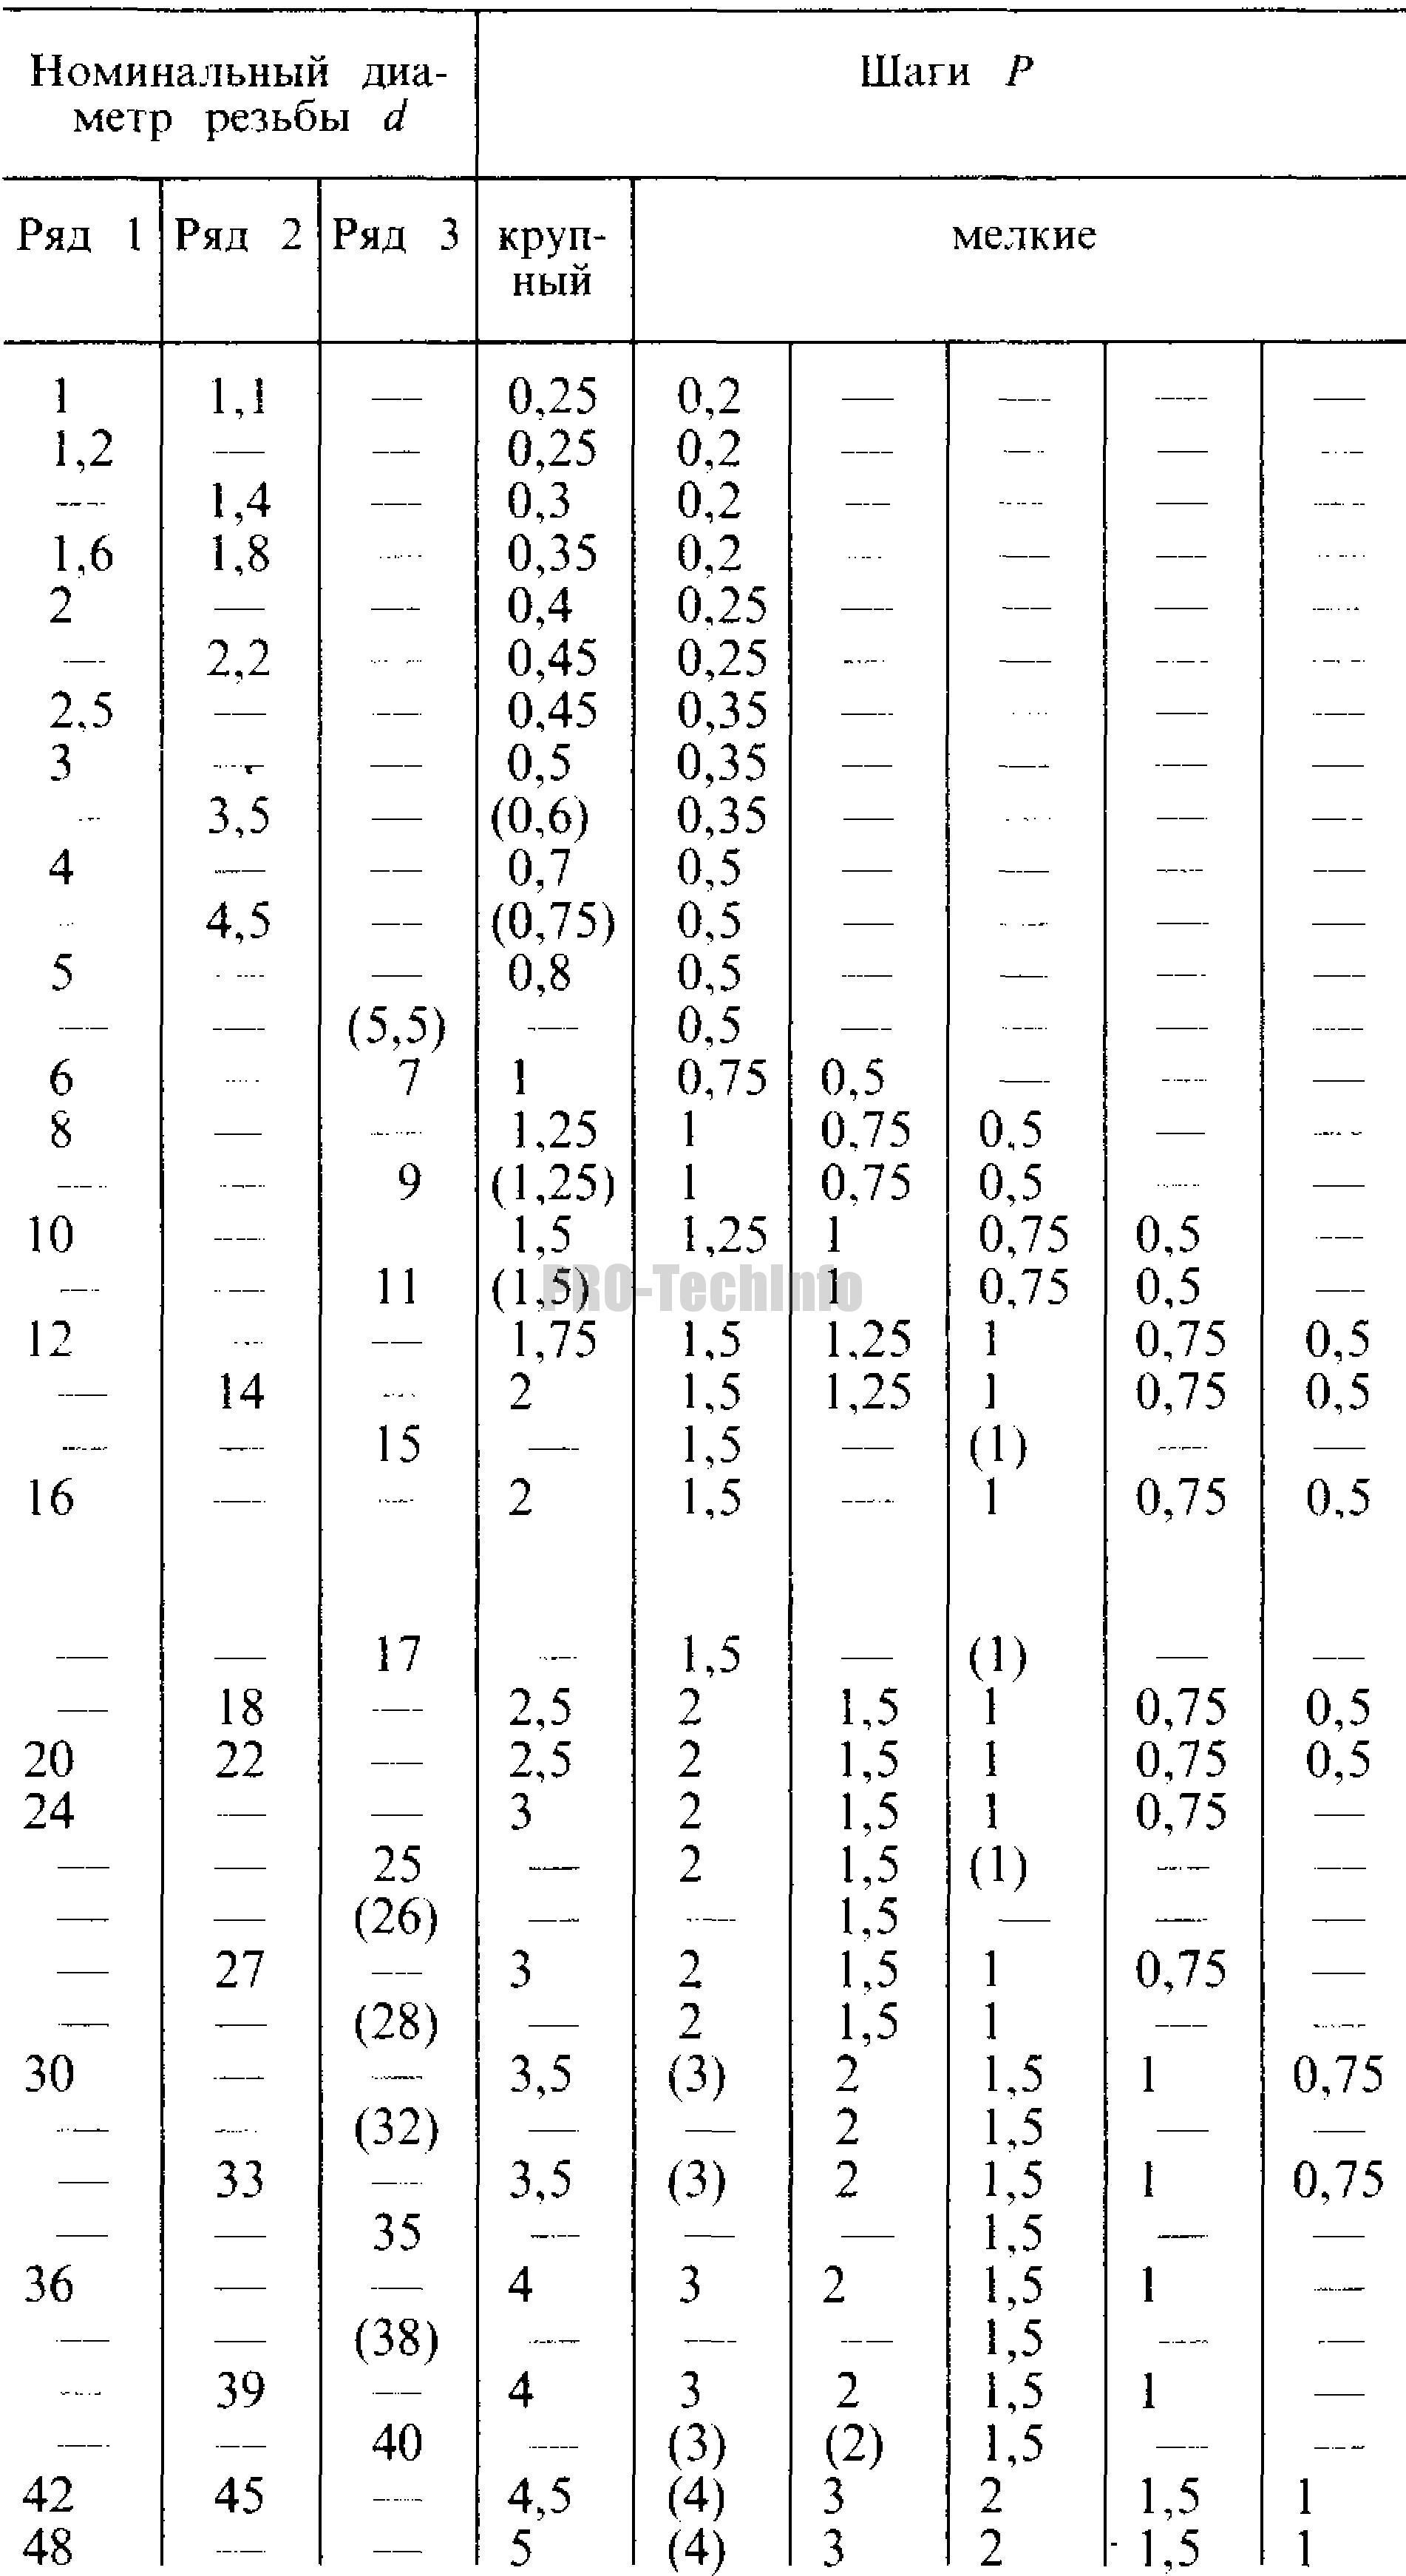 Резьба метрическая. Диаметры и шаги 1